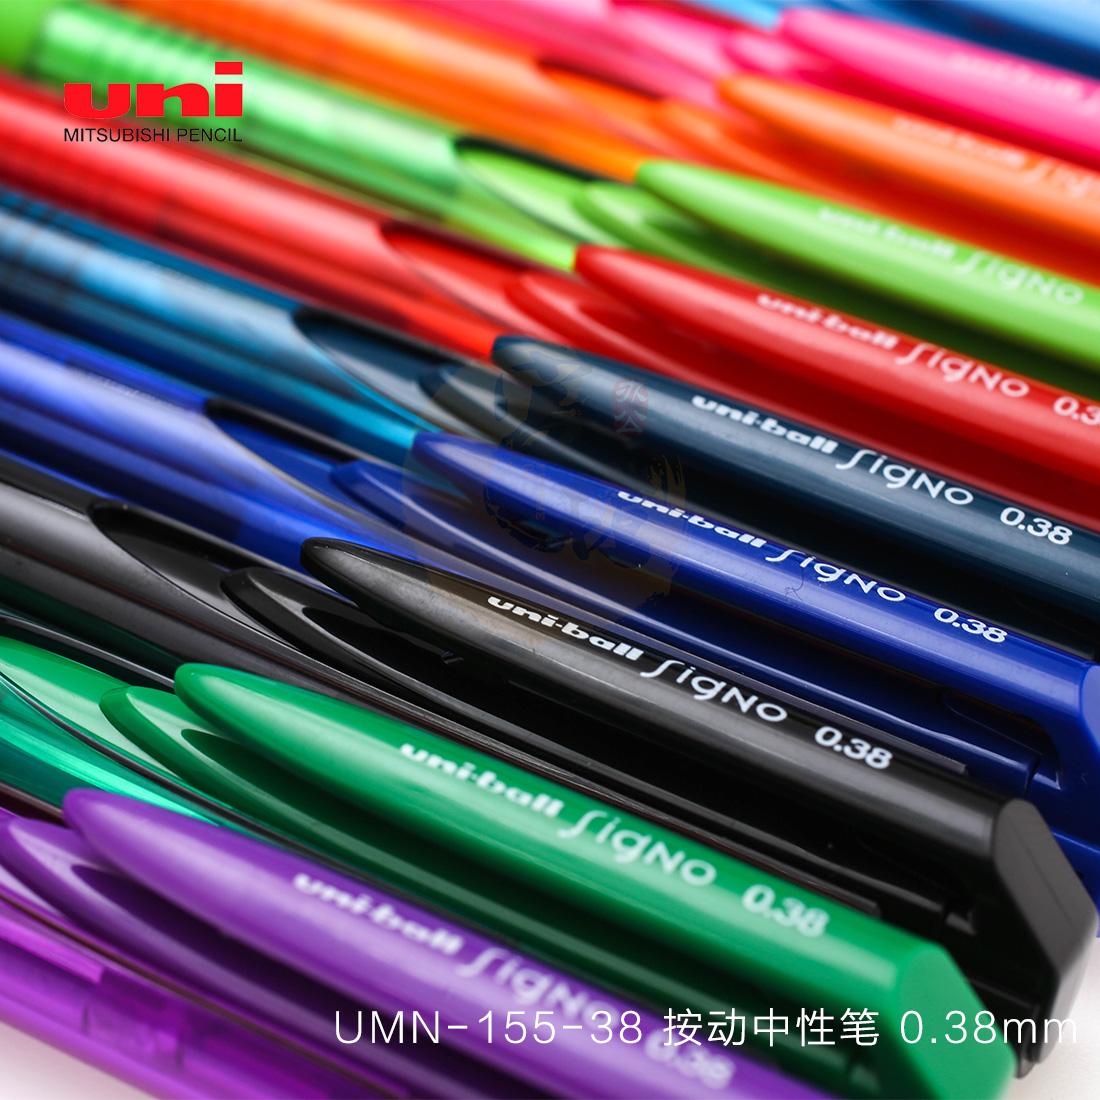 宫橙办公丨日本UNI三菱 Signo RT1 UMN-155中性笔0.38mm 办公学生